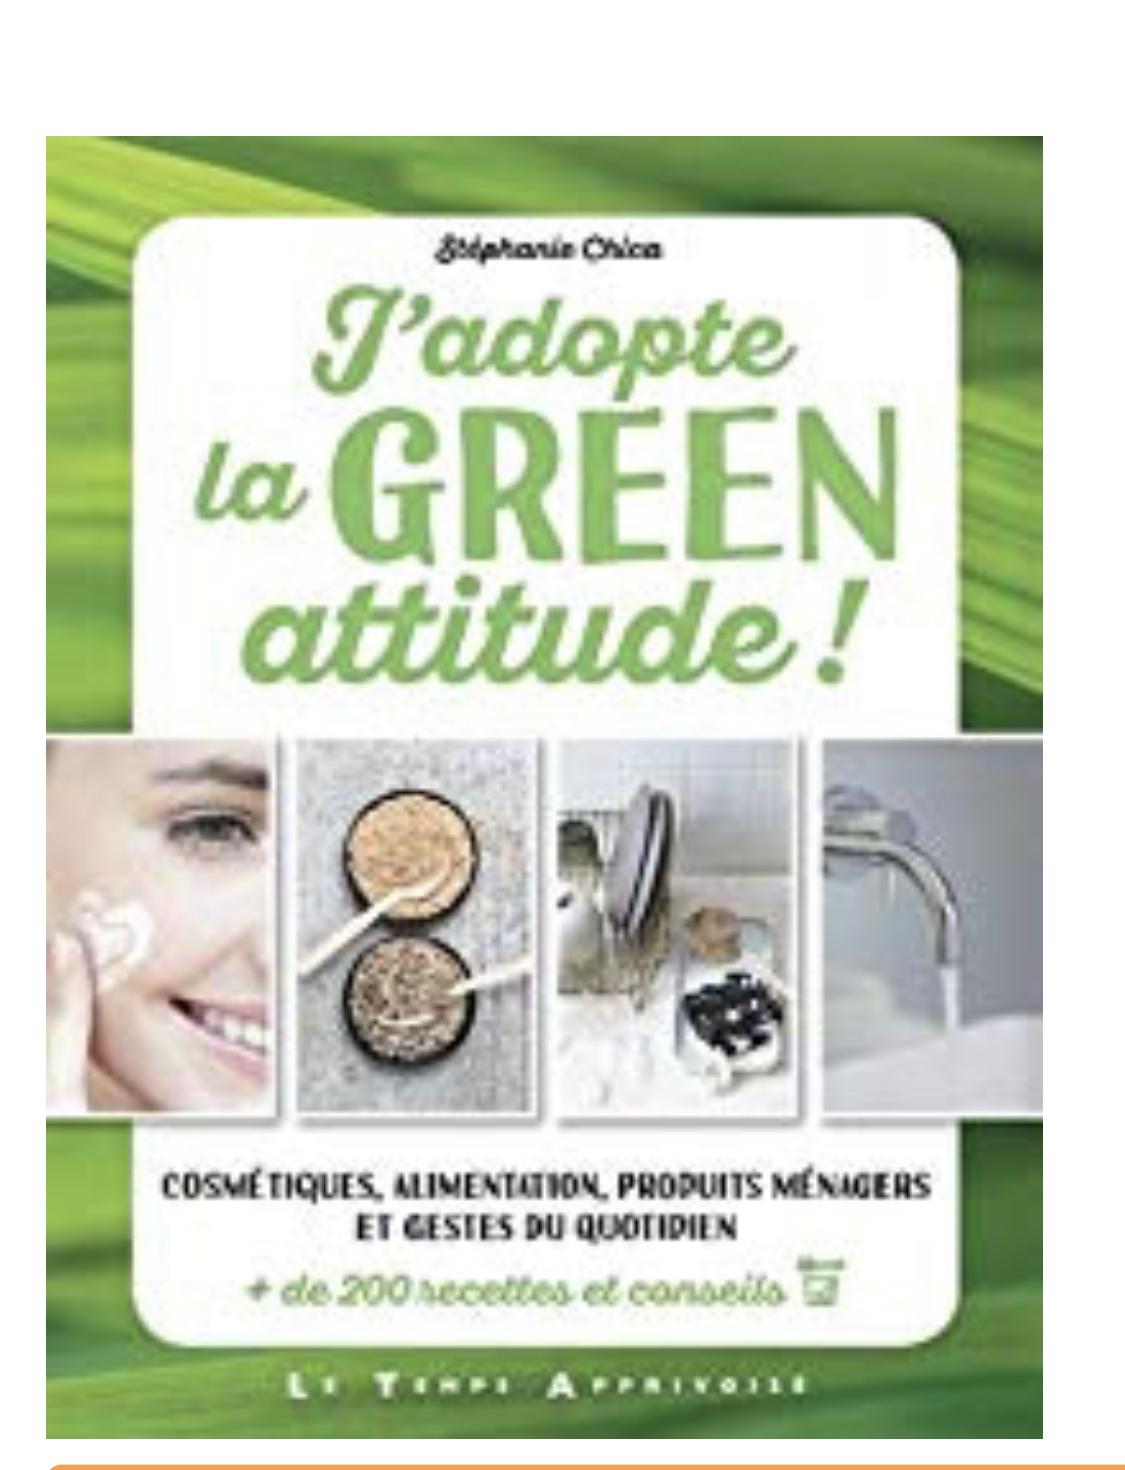 j adopte la green attitude